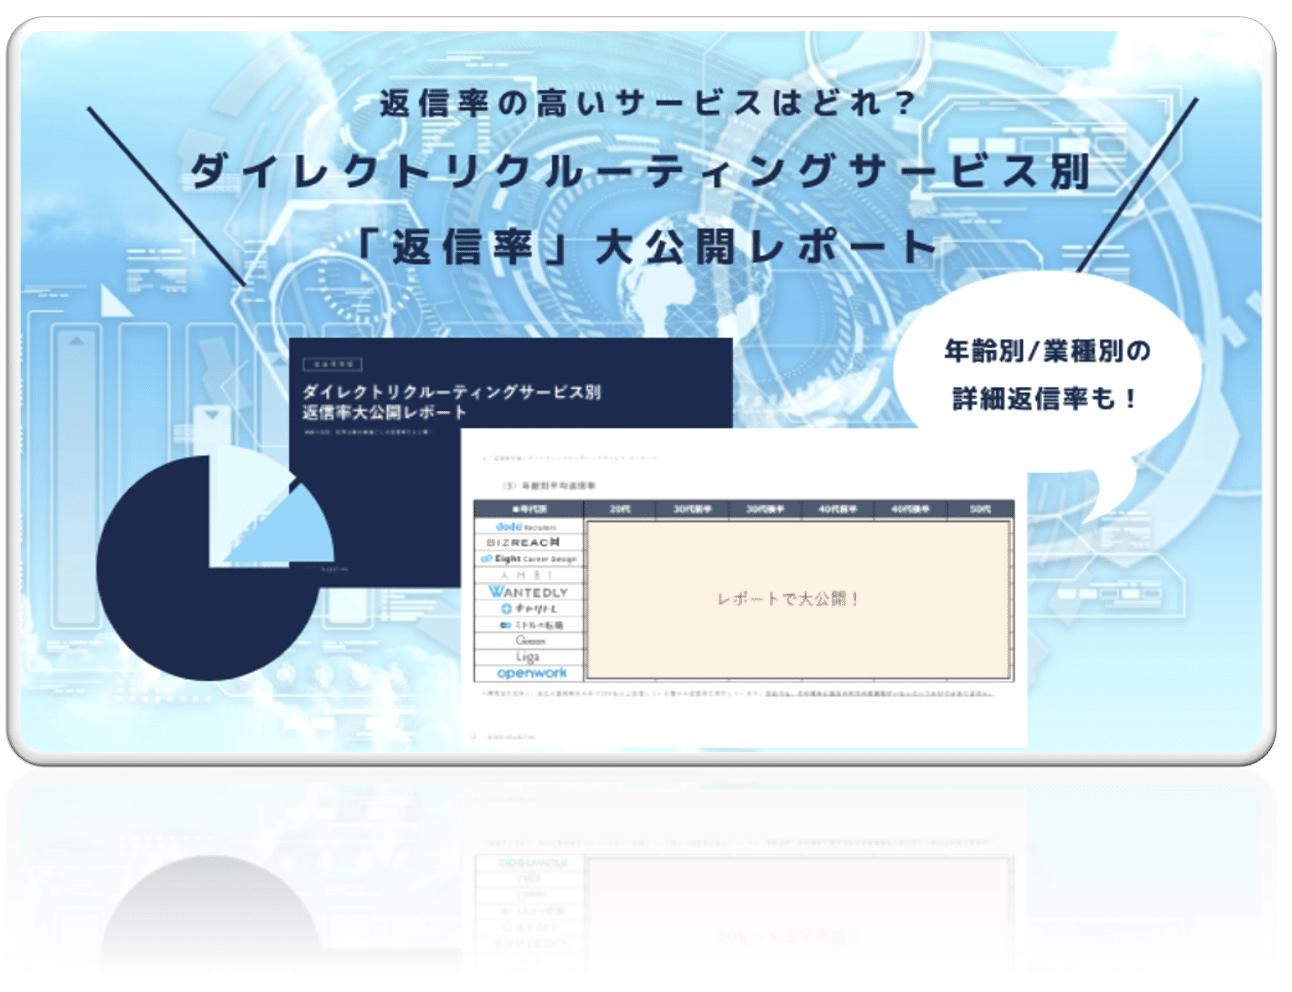 ダイレクトリクルーティングサービス別返信率大公開レポート_株式会社VOLLECT